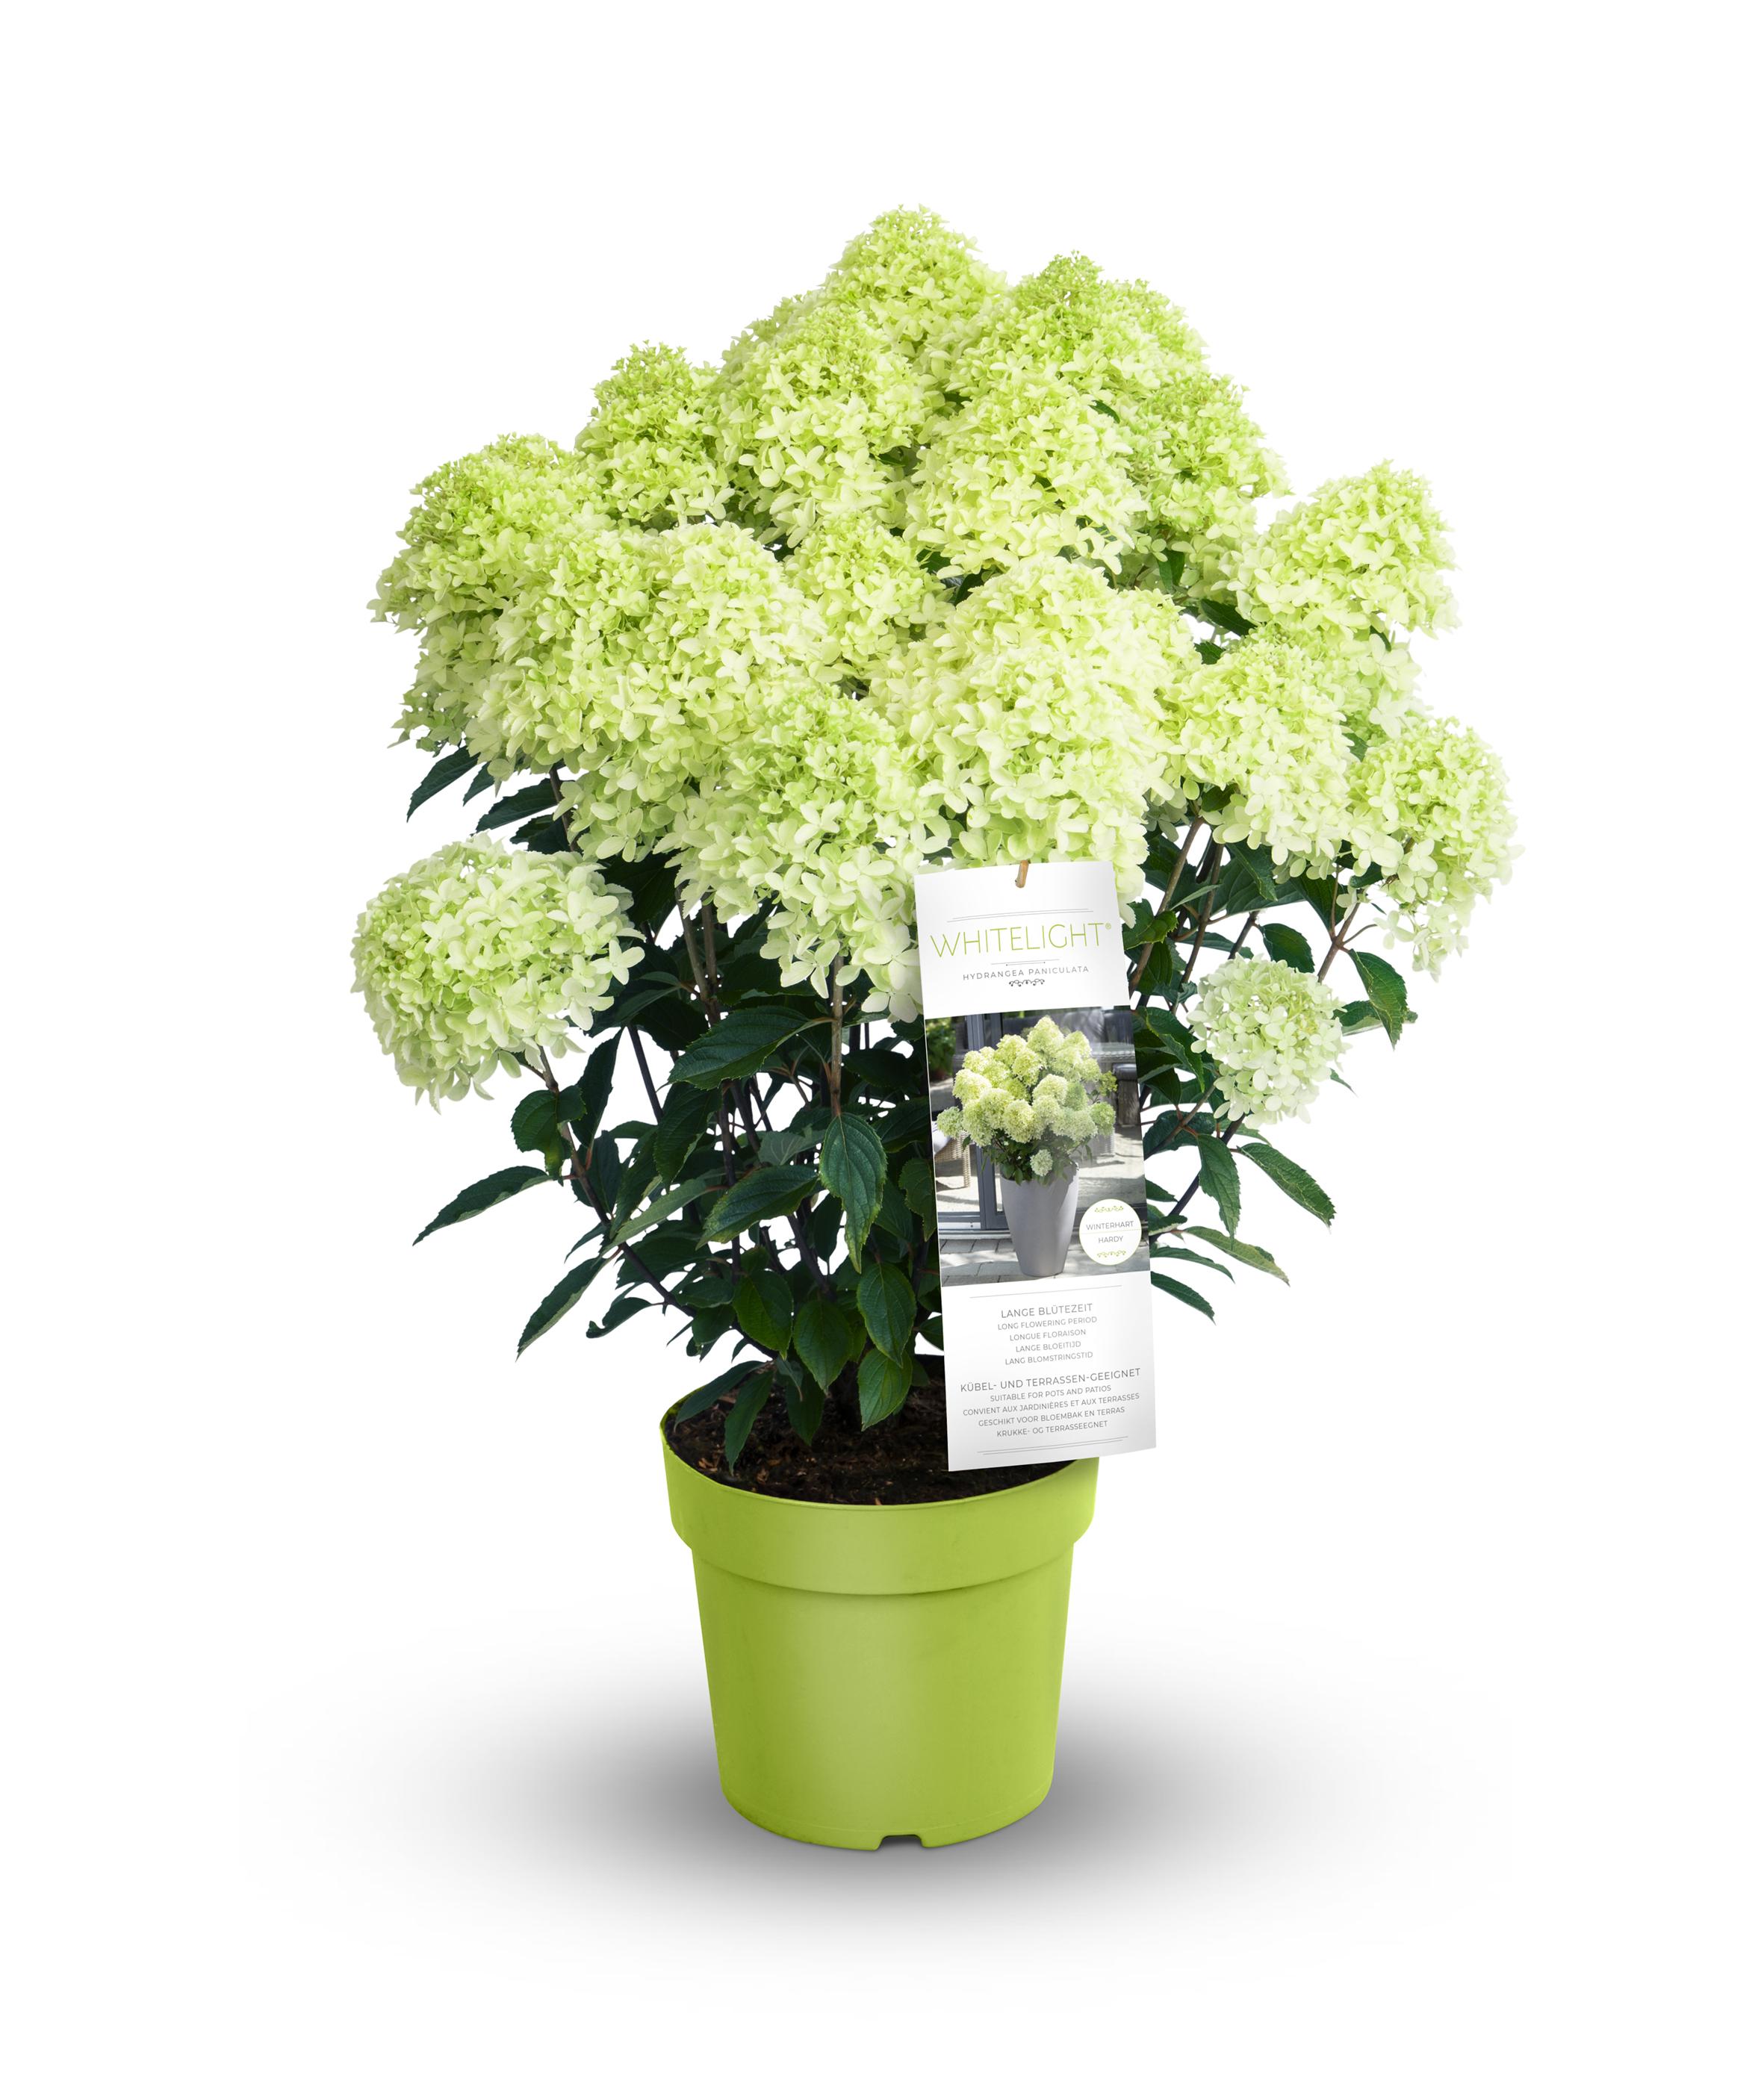 Hydrangea Pan. Whitelight®